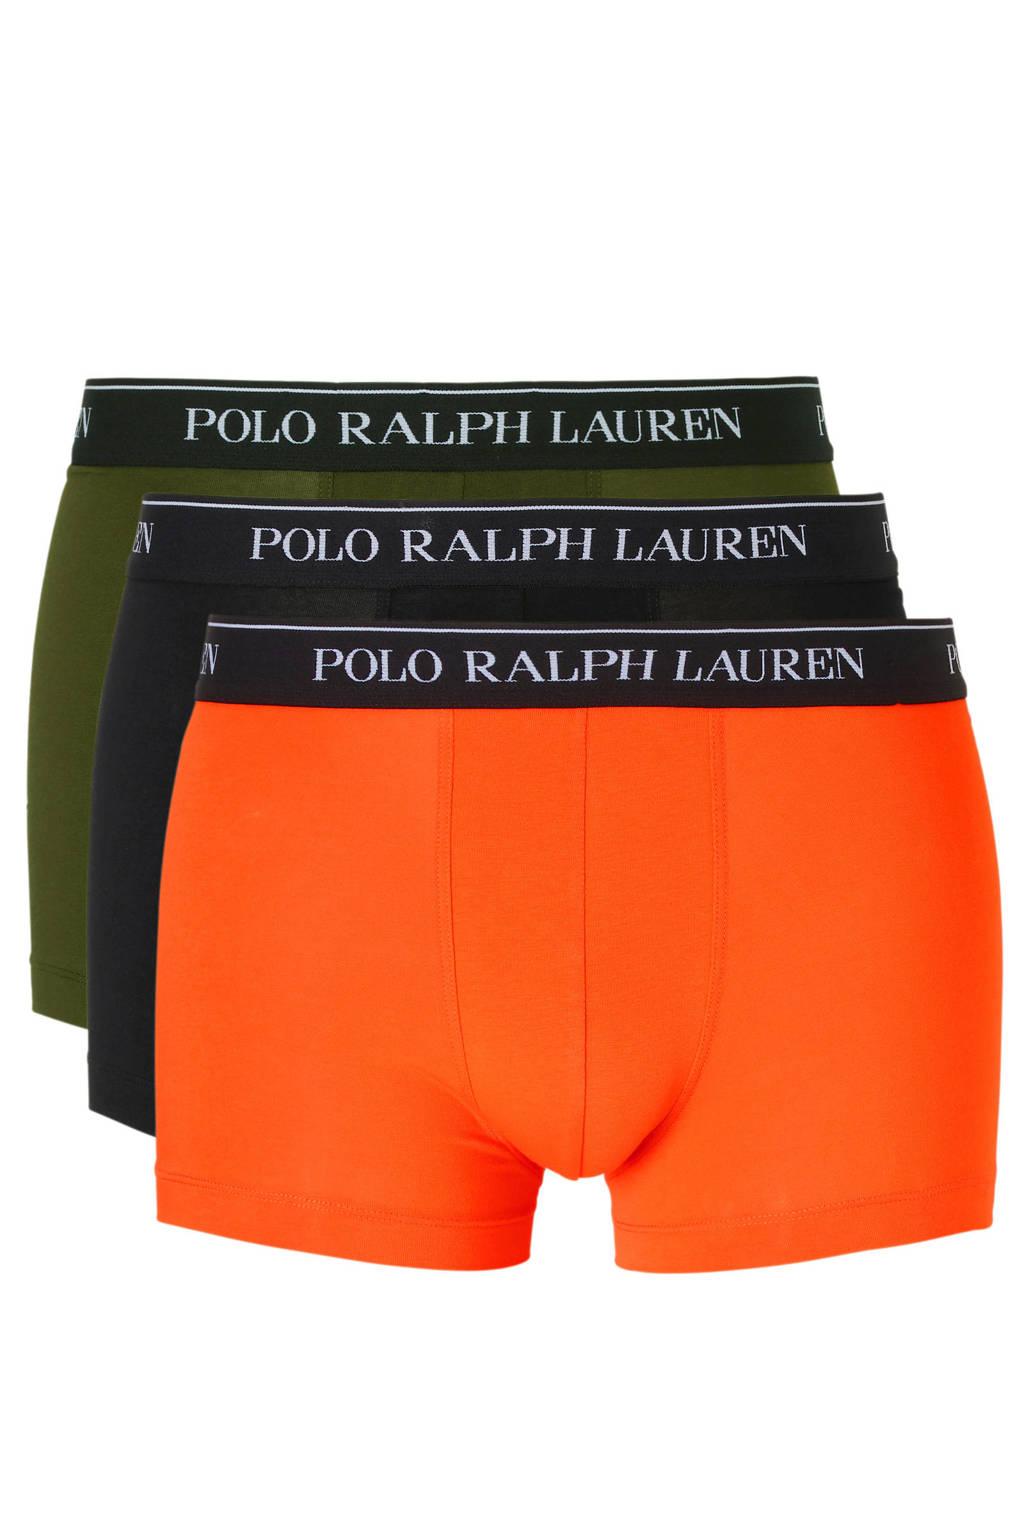 POLO Ralph Lauren boxershort (set van 3), Donkergroen/zwart/rood